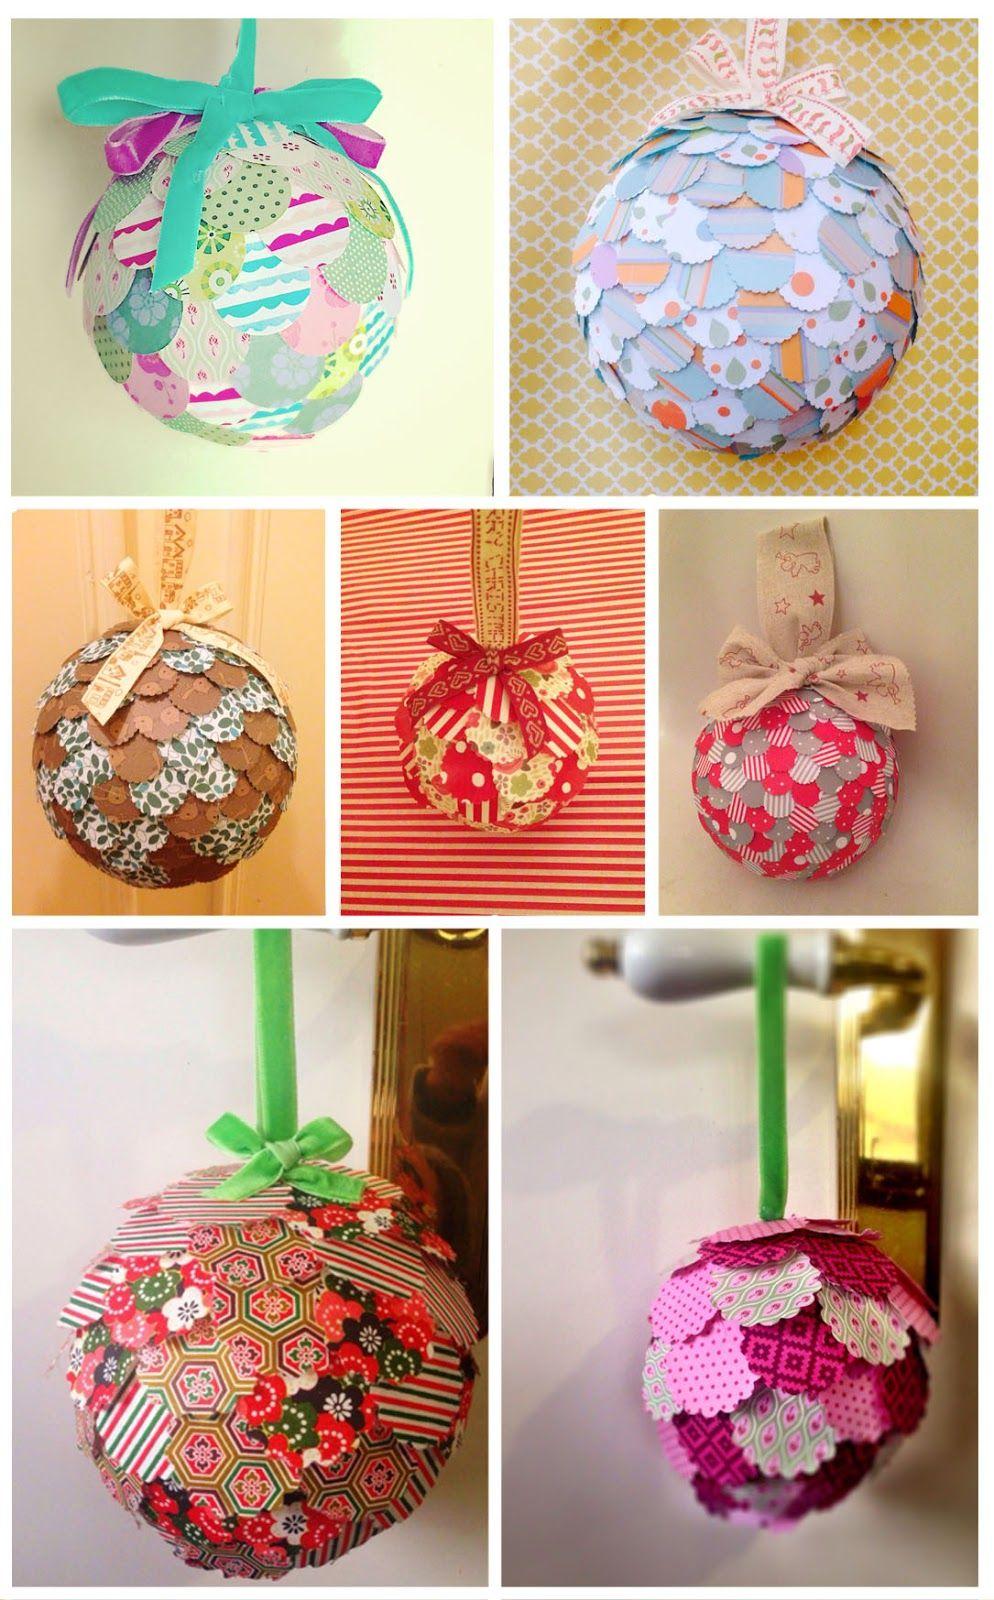 38 mejores imágenes de Bolas de navidad decoradas | Bolas ...